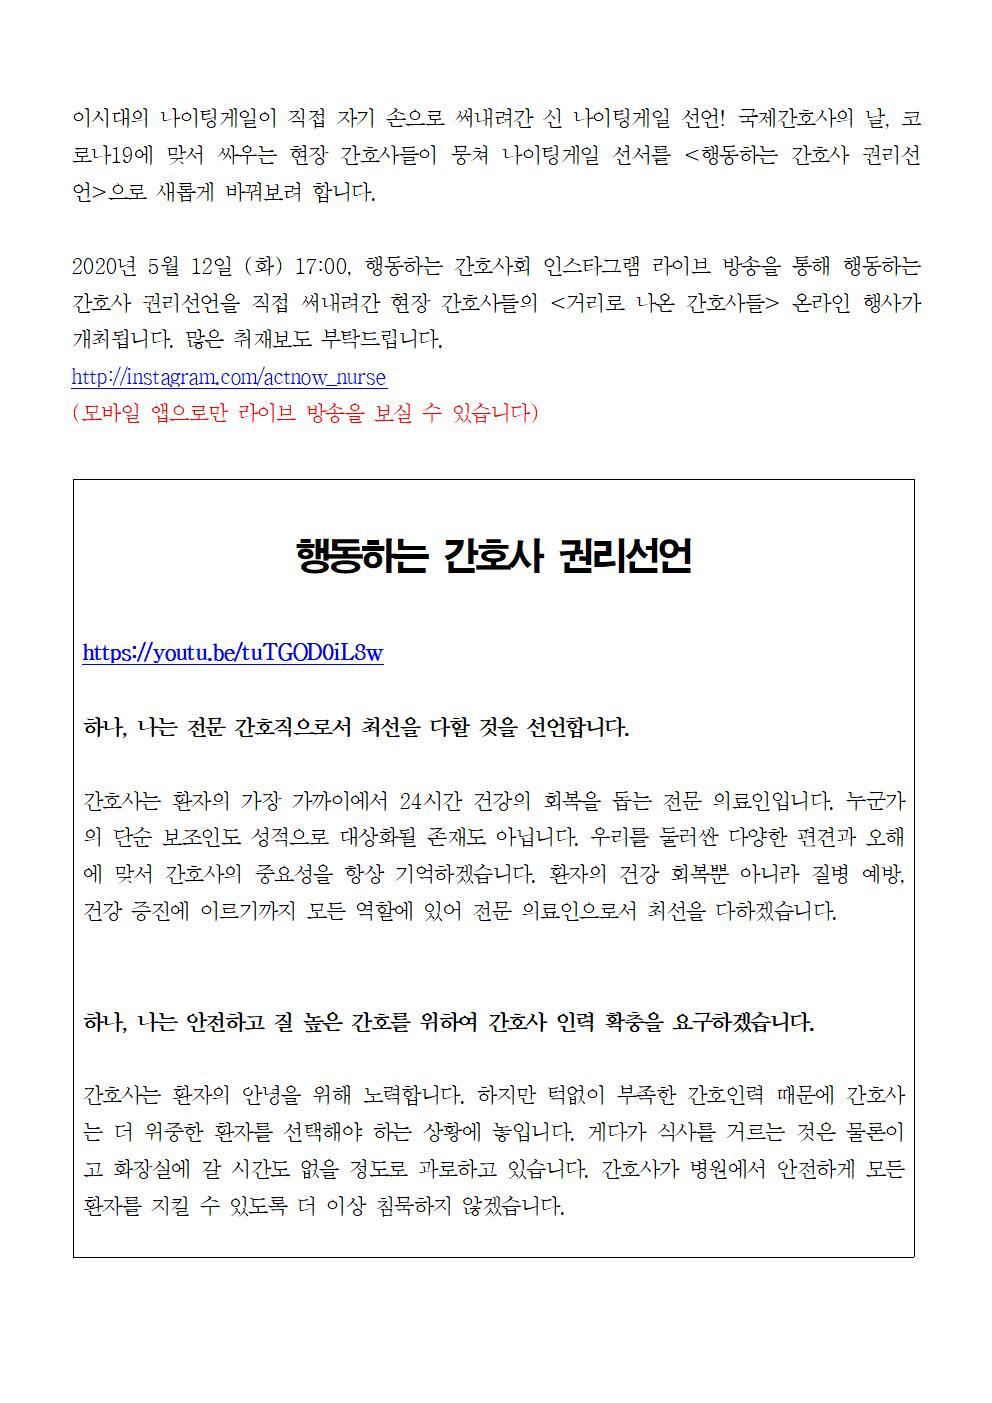 20512_[취재요청서]행동하는간호사권리선언002.jpg